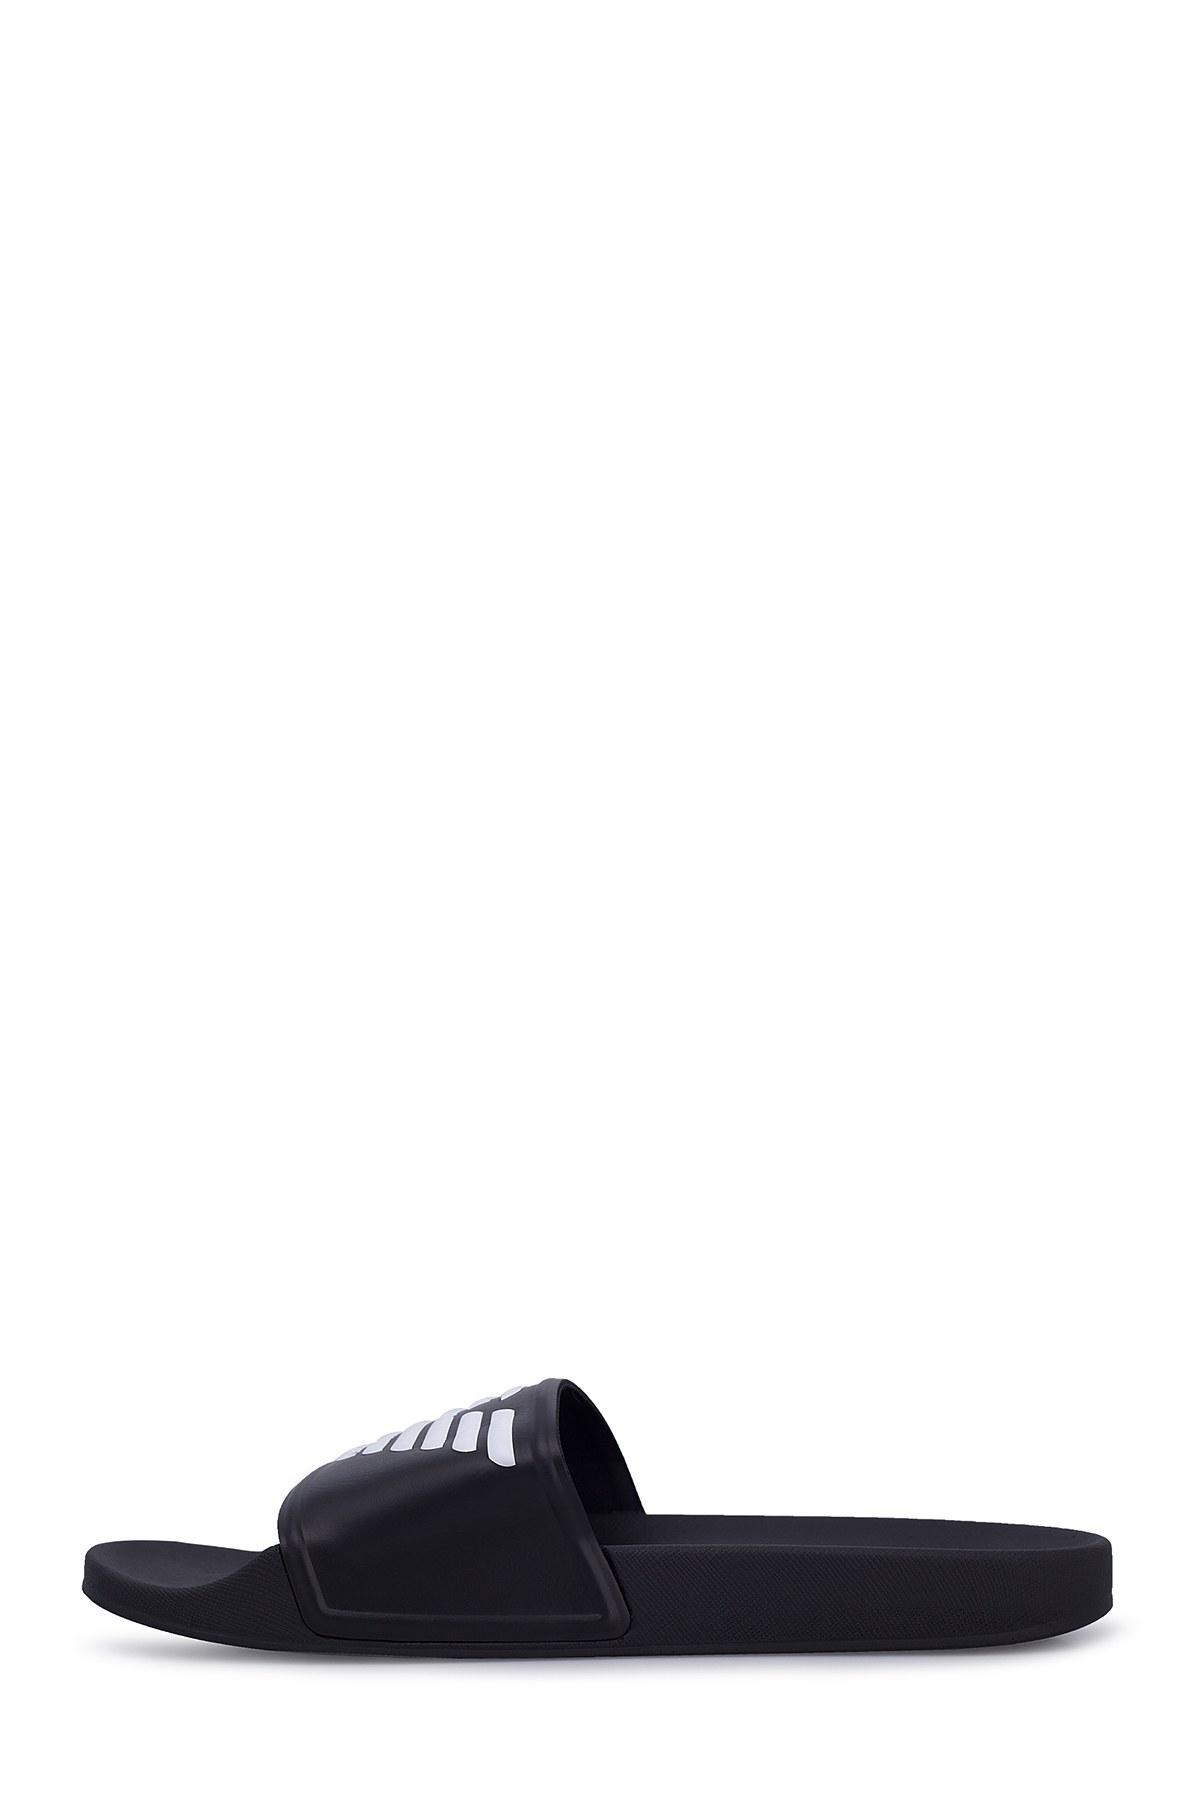 Emporio Armani Kadın Terlik X3PS03 XL828 A120 SİYAH